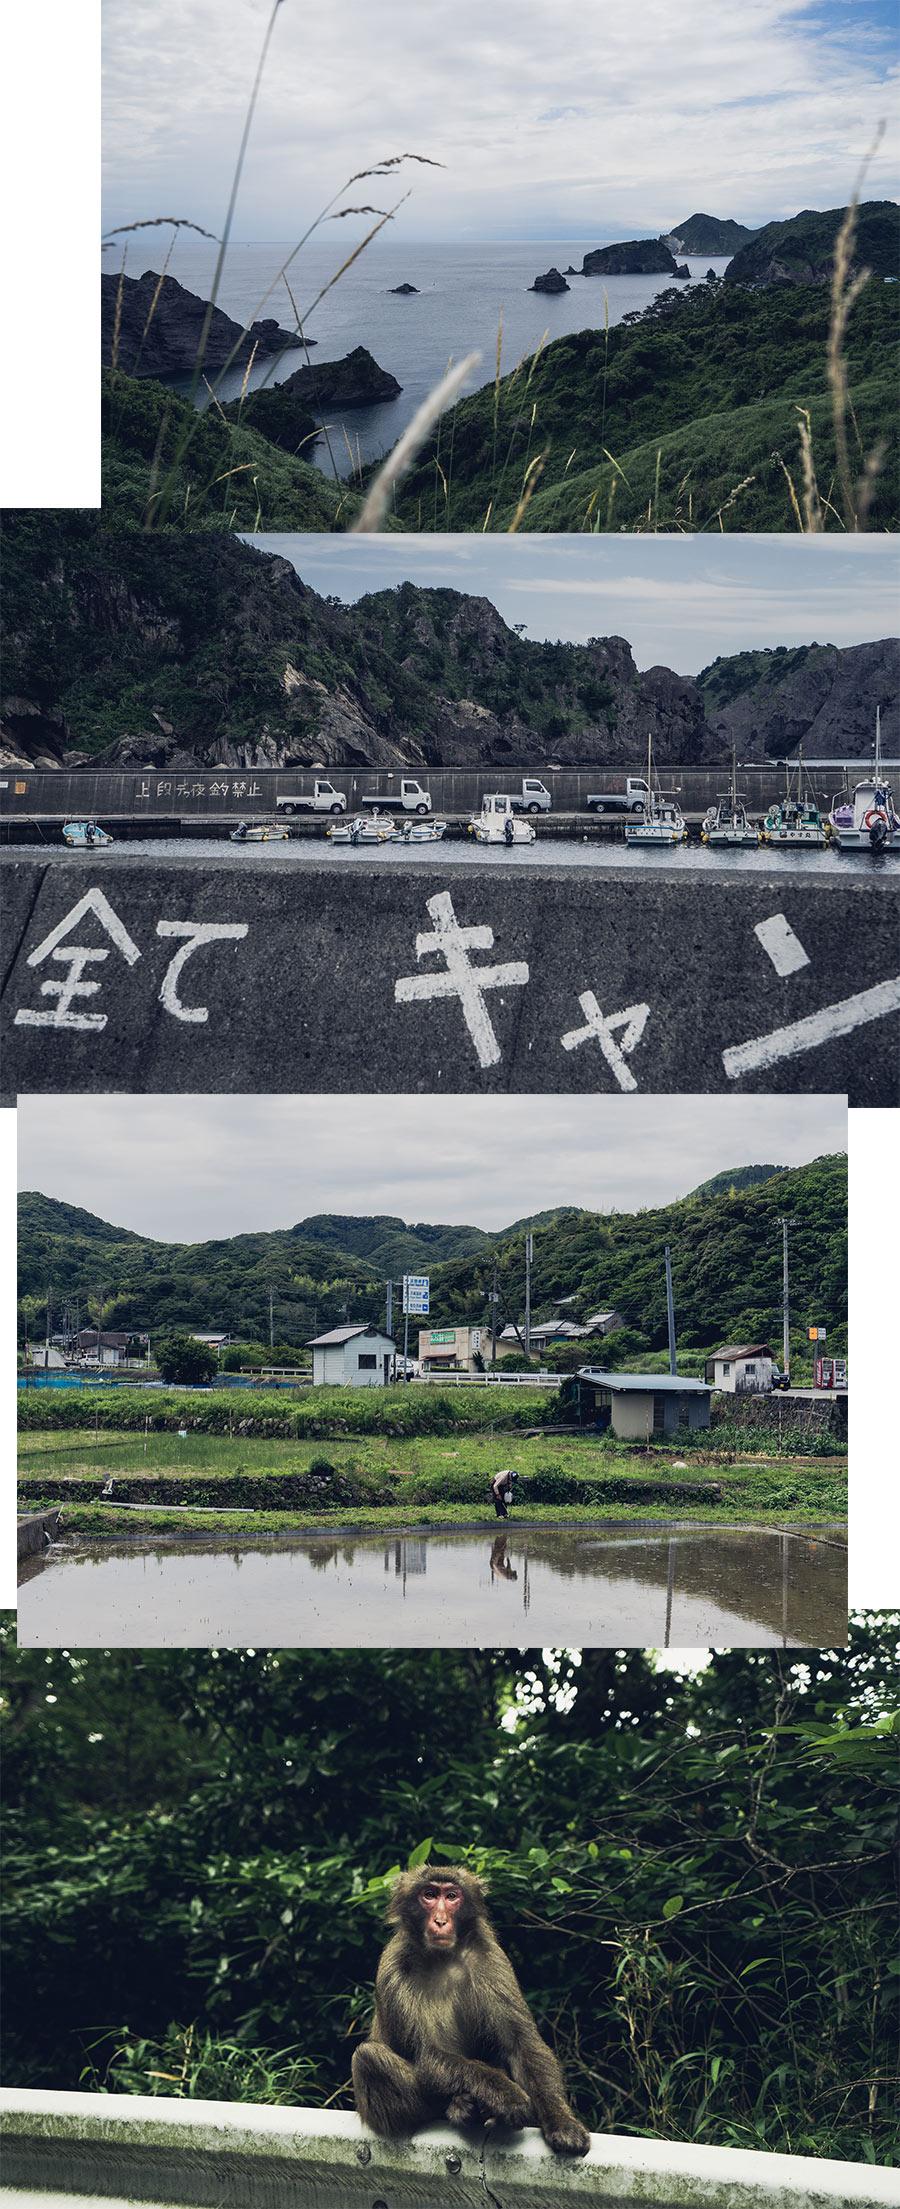 Une promenade à travers la Péninsule d'Izu (Japon), par Côté Hublot